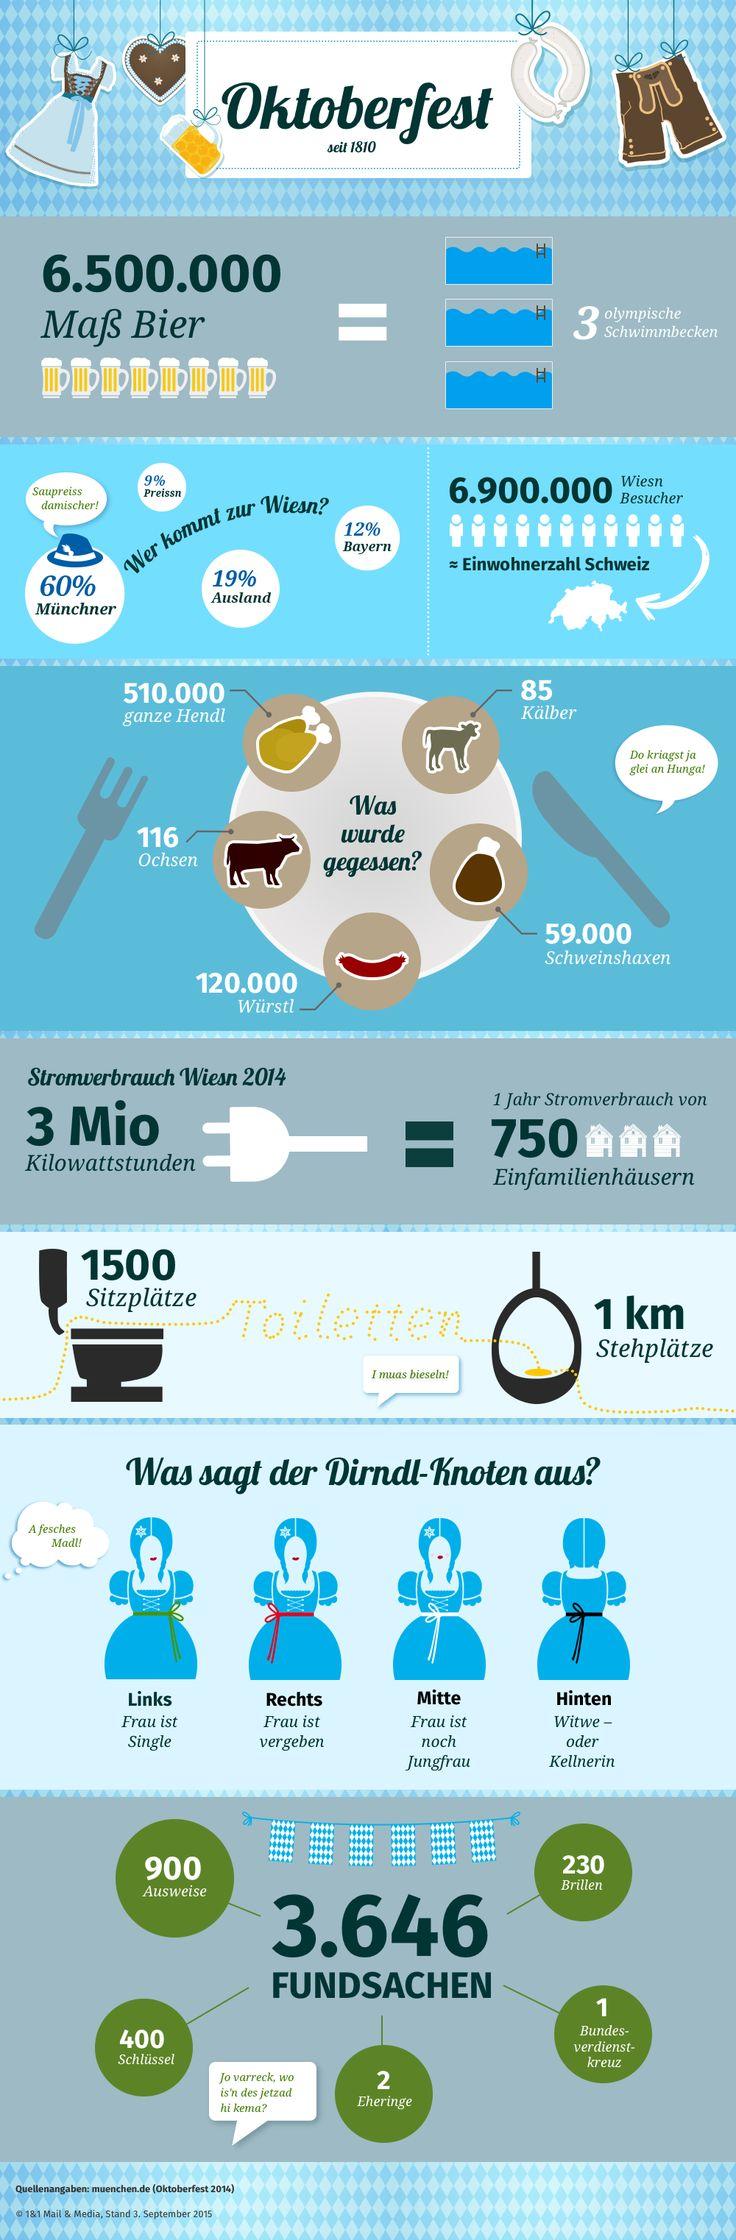 Das Oktoberfest in Zahlen